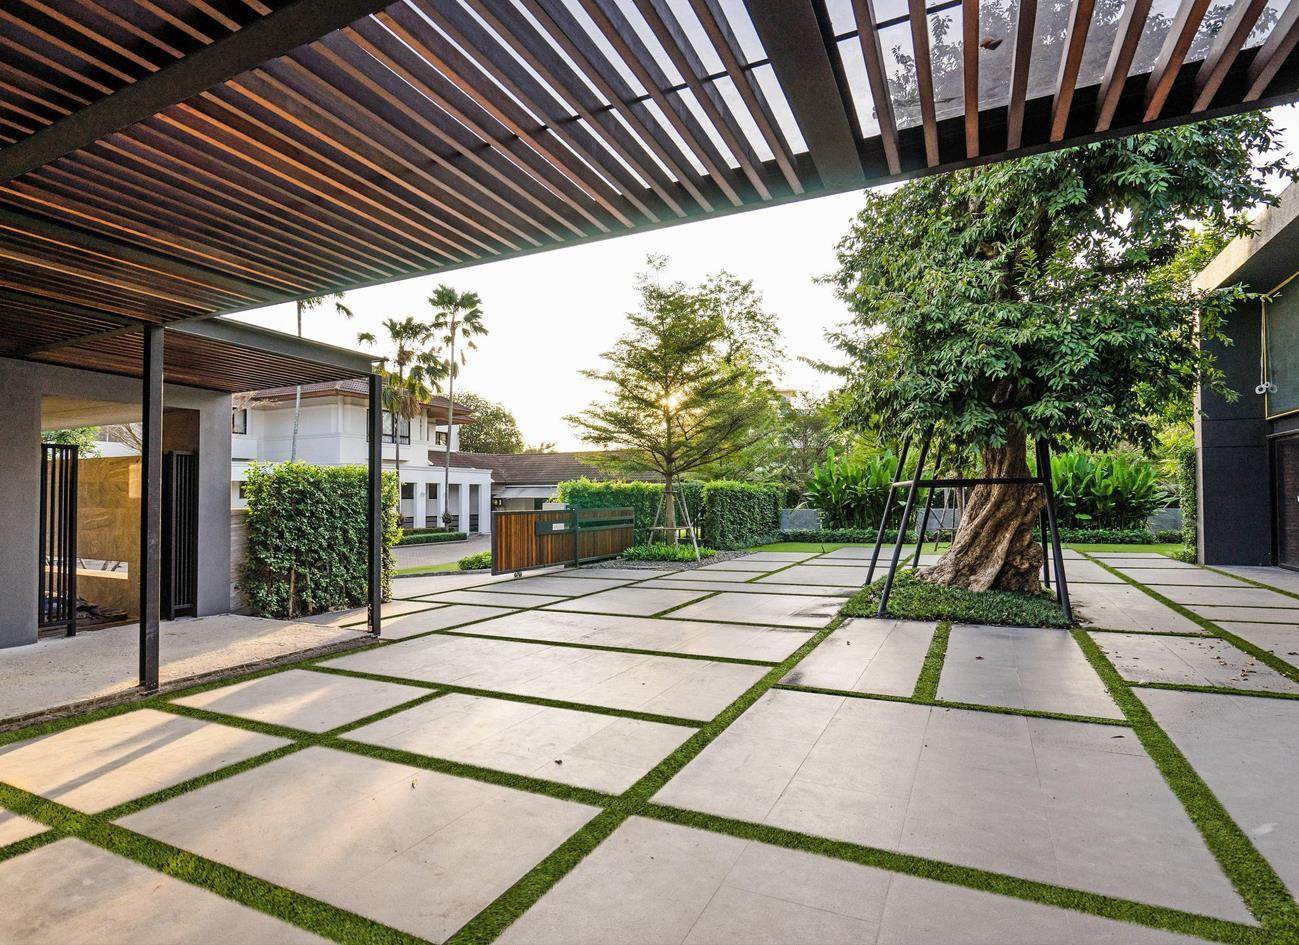 园林景观指定用砖:2cm石英砖瓷砖厚板有什么优点?